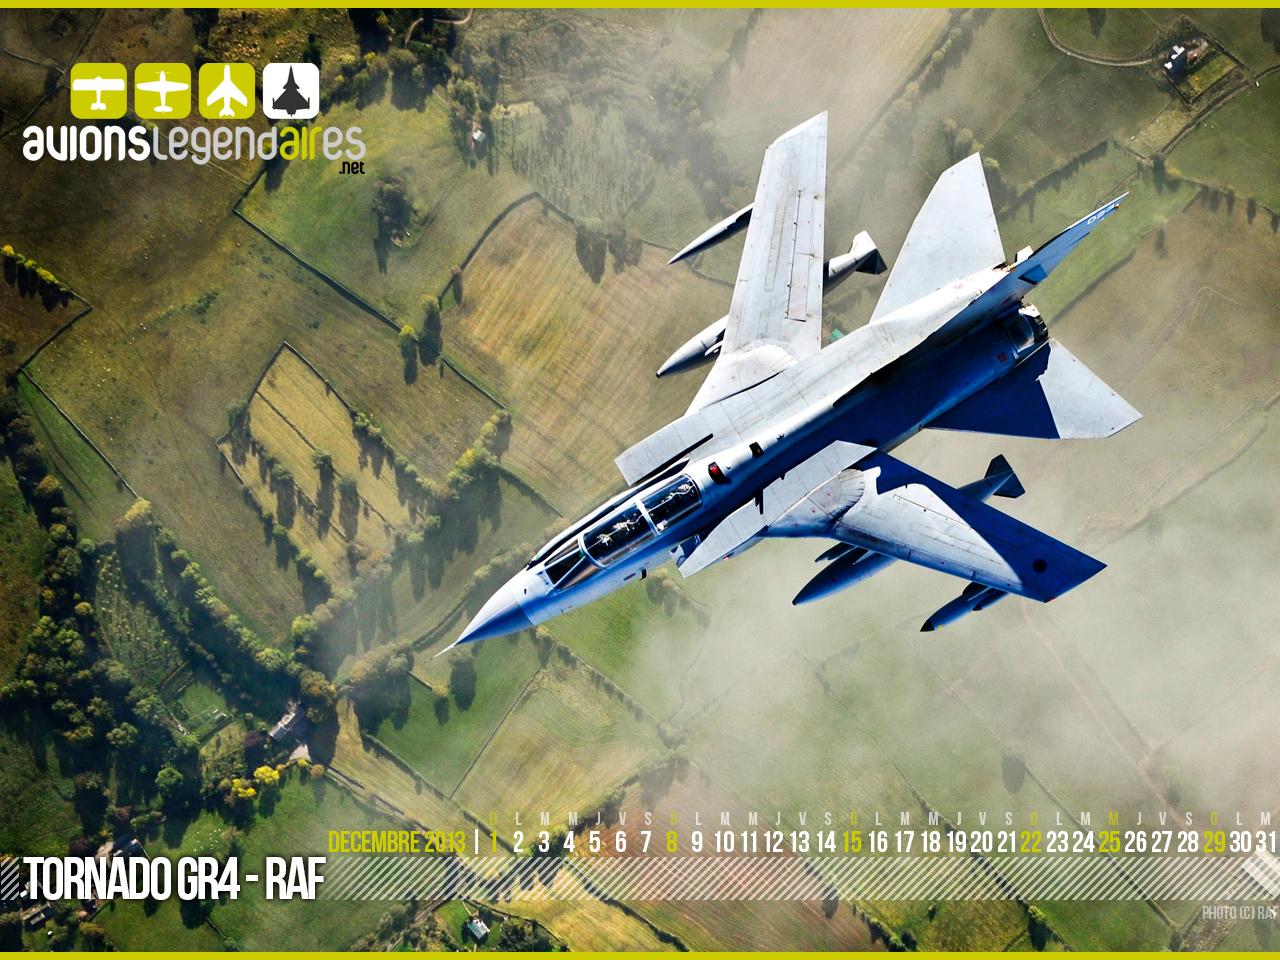 http://www.avionslegendaires.net/wp-content/uploads/images/post/calendrier-avionslegendaires-decembre-2013.jpg